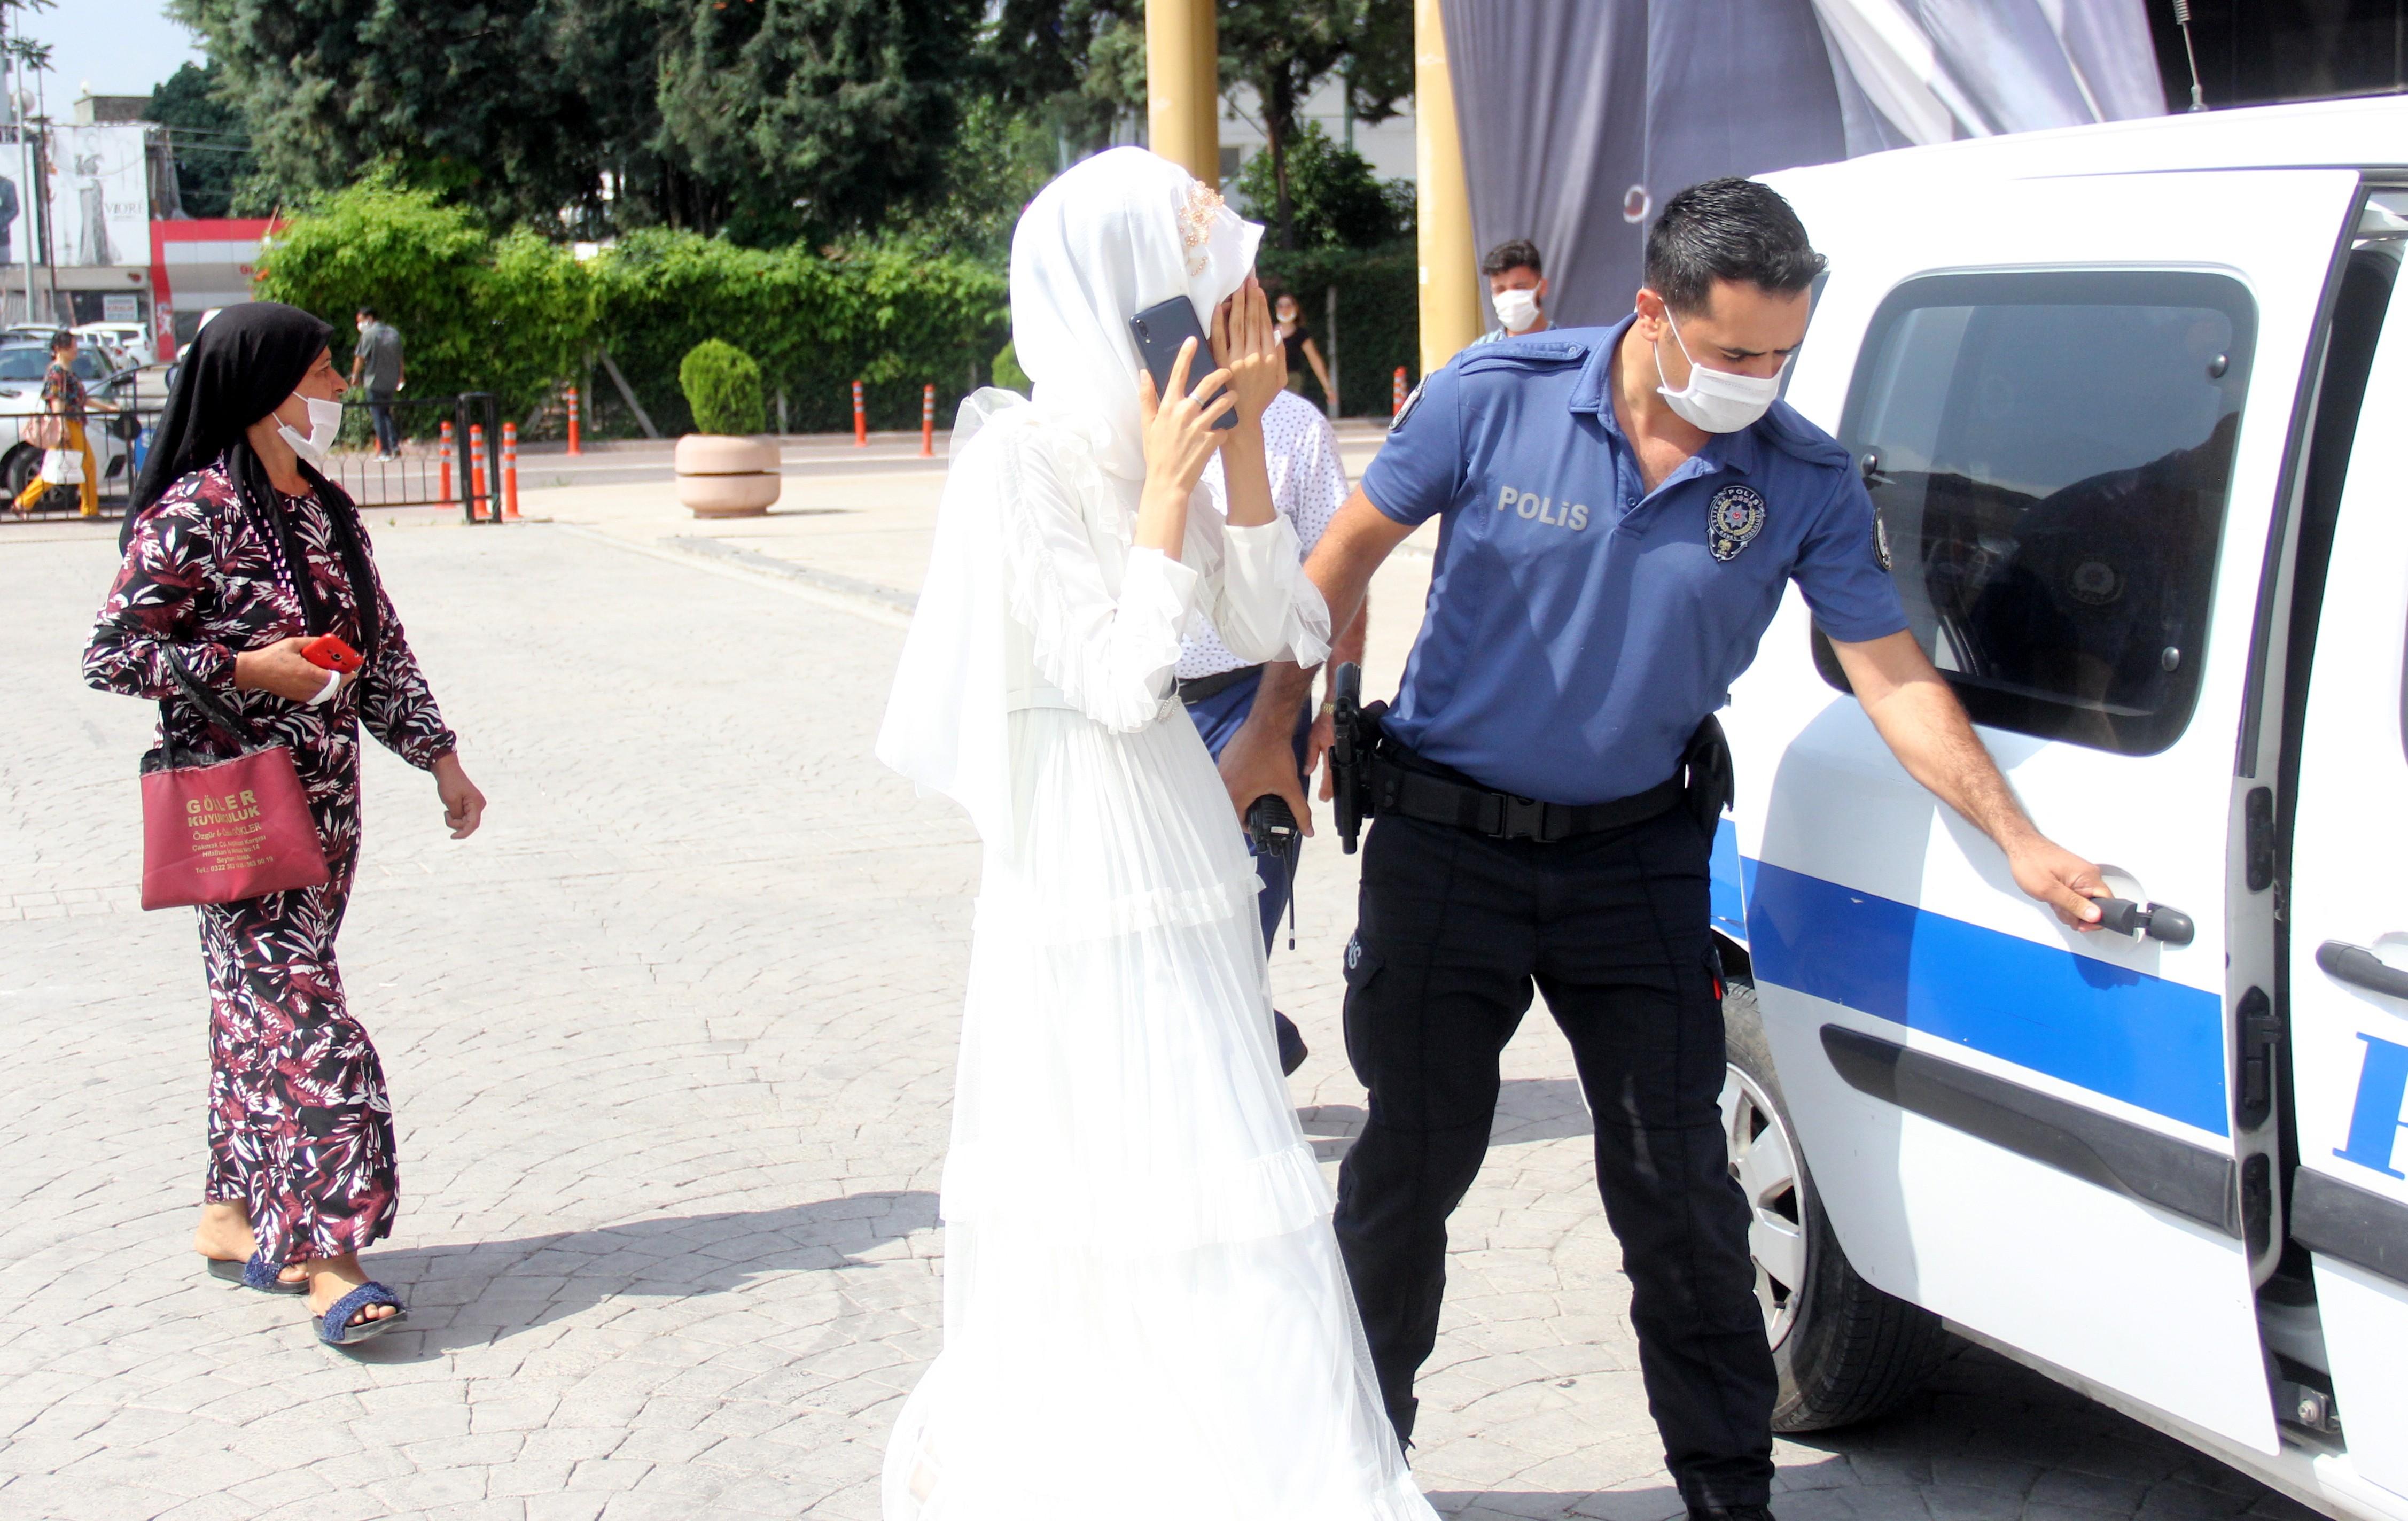 Zorla evlendirilmek istenen kızı polis kurtardı